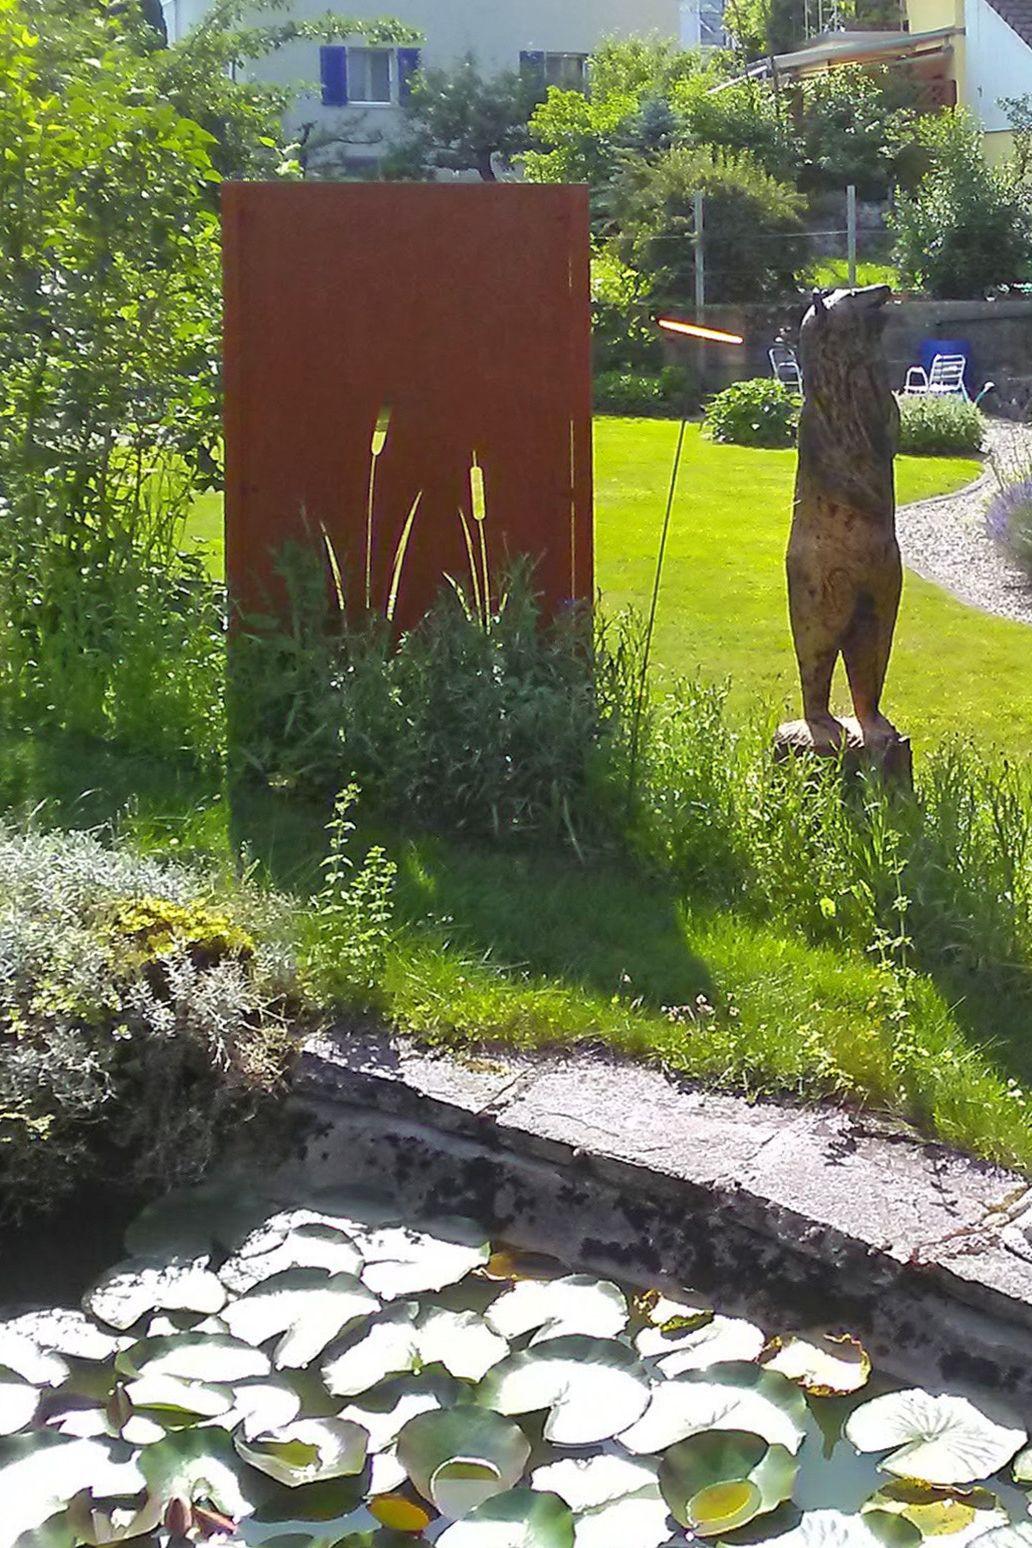 Sichtschutzwand Mit Schilfmotiv Muro Sichtschutz Sichtschutzwand Cortenstahl Corten Handwerk Kunsthandwerk Taaro Sichtschutzwande Wande Solothurn